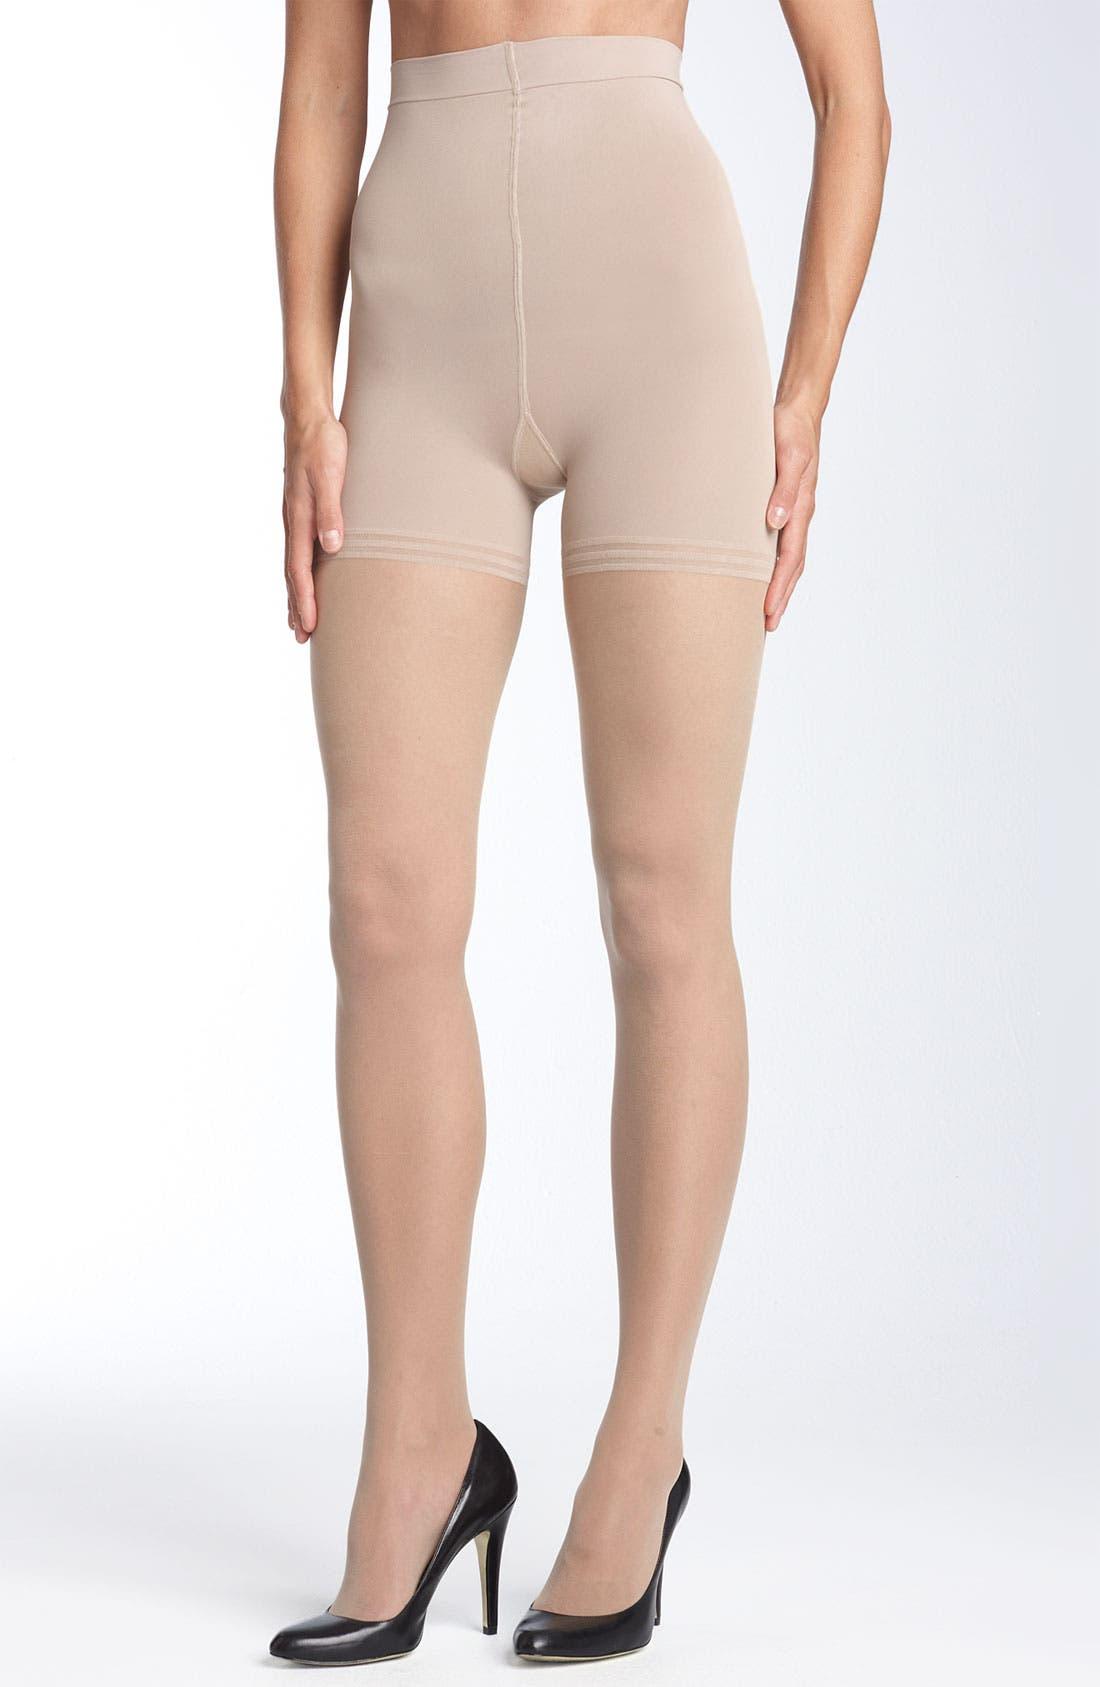 Donna Karan 'Sheer Satin Ultimate Toner' Pantyhose